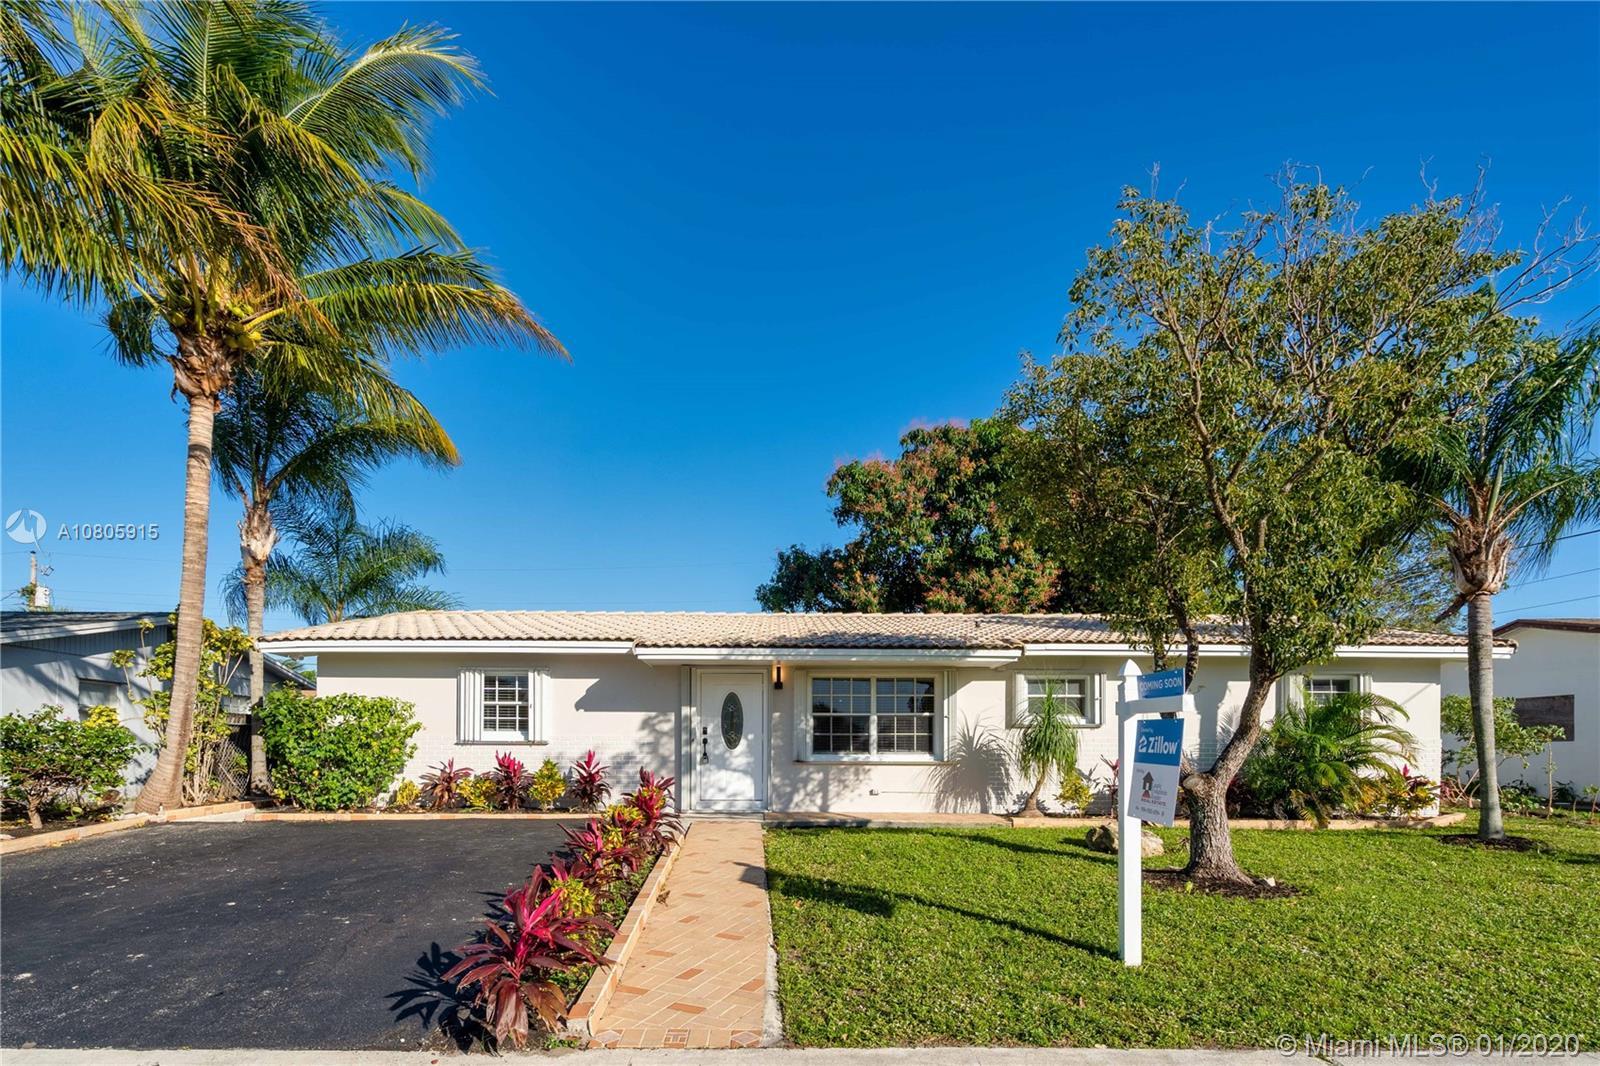 1330 SW 10th Ter, Deerfield Beach, FL 33441 - Deerfield Beach, FL real estate listing